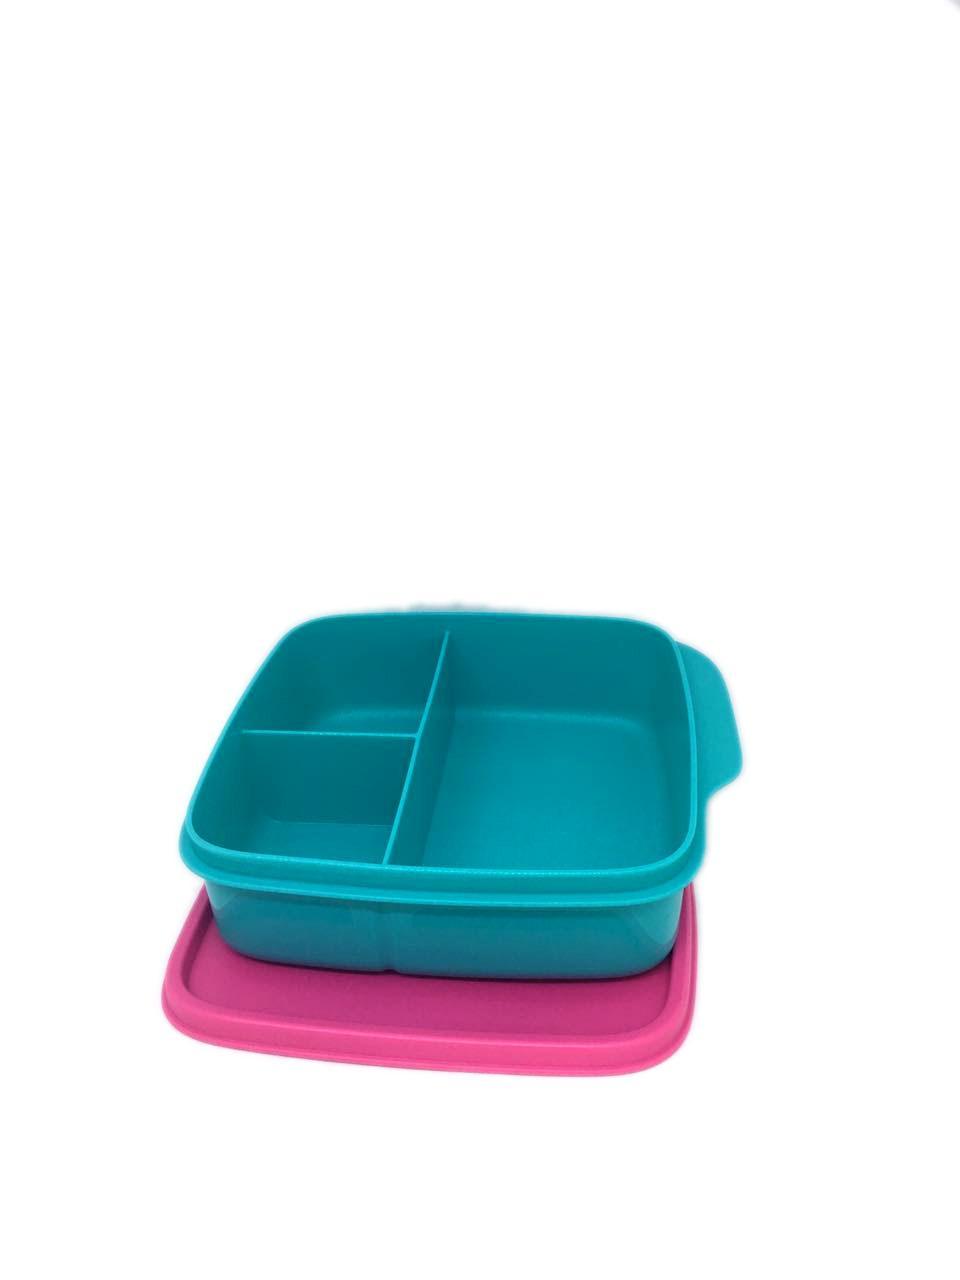 Tupperware Lolly Tup 550mL two color - Tempat Bekal